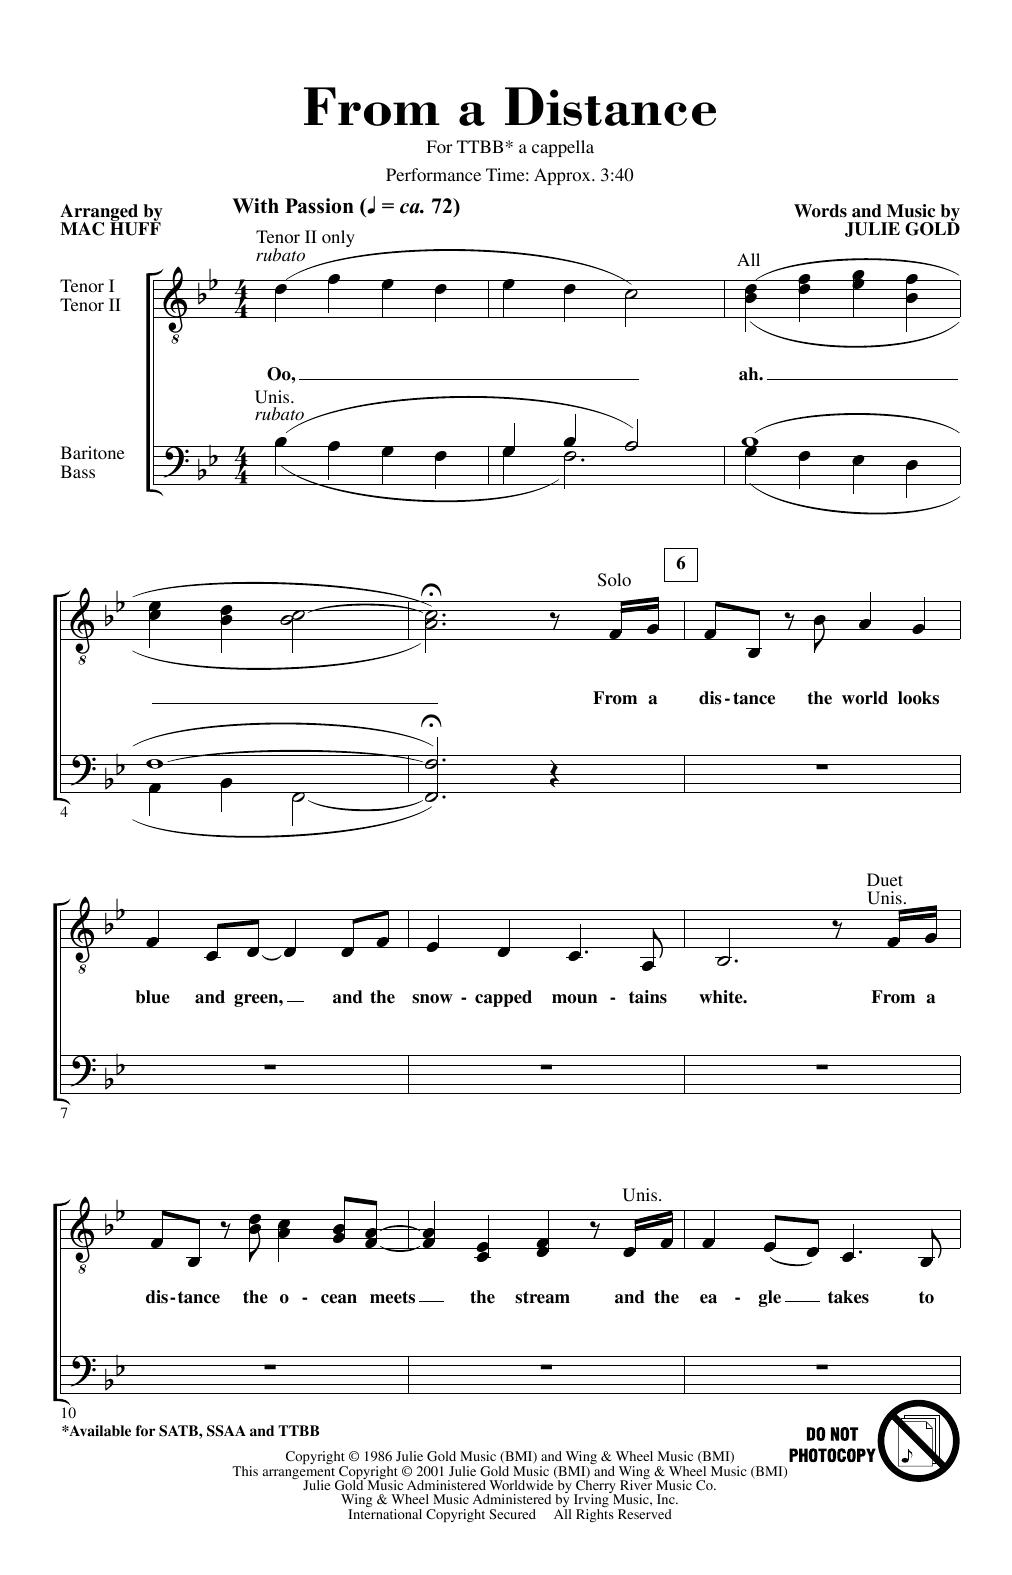 From A Distance (arr. Mac Huff) (TTBB Choir)